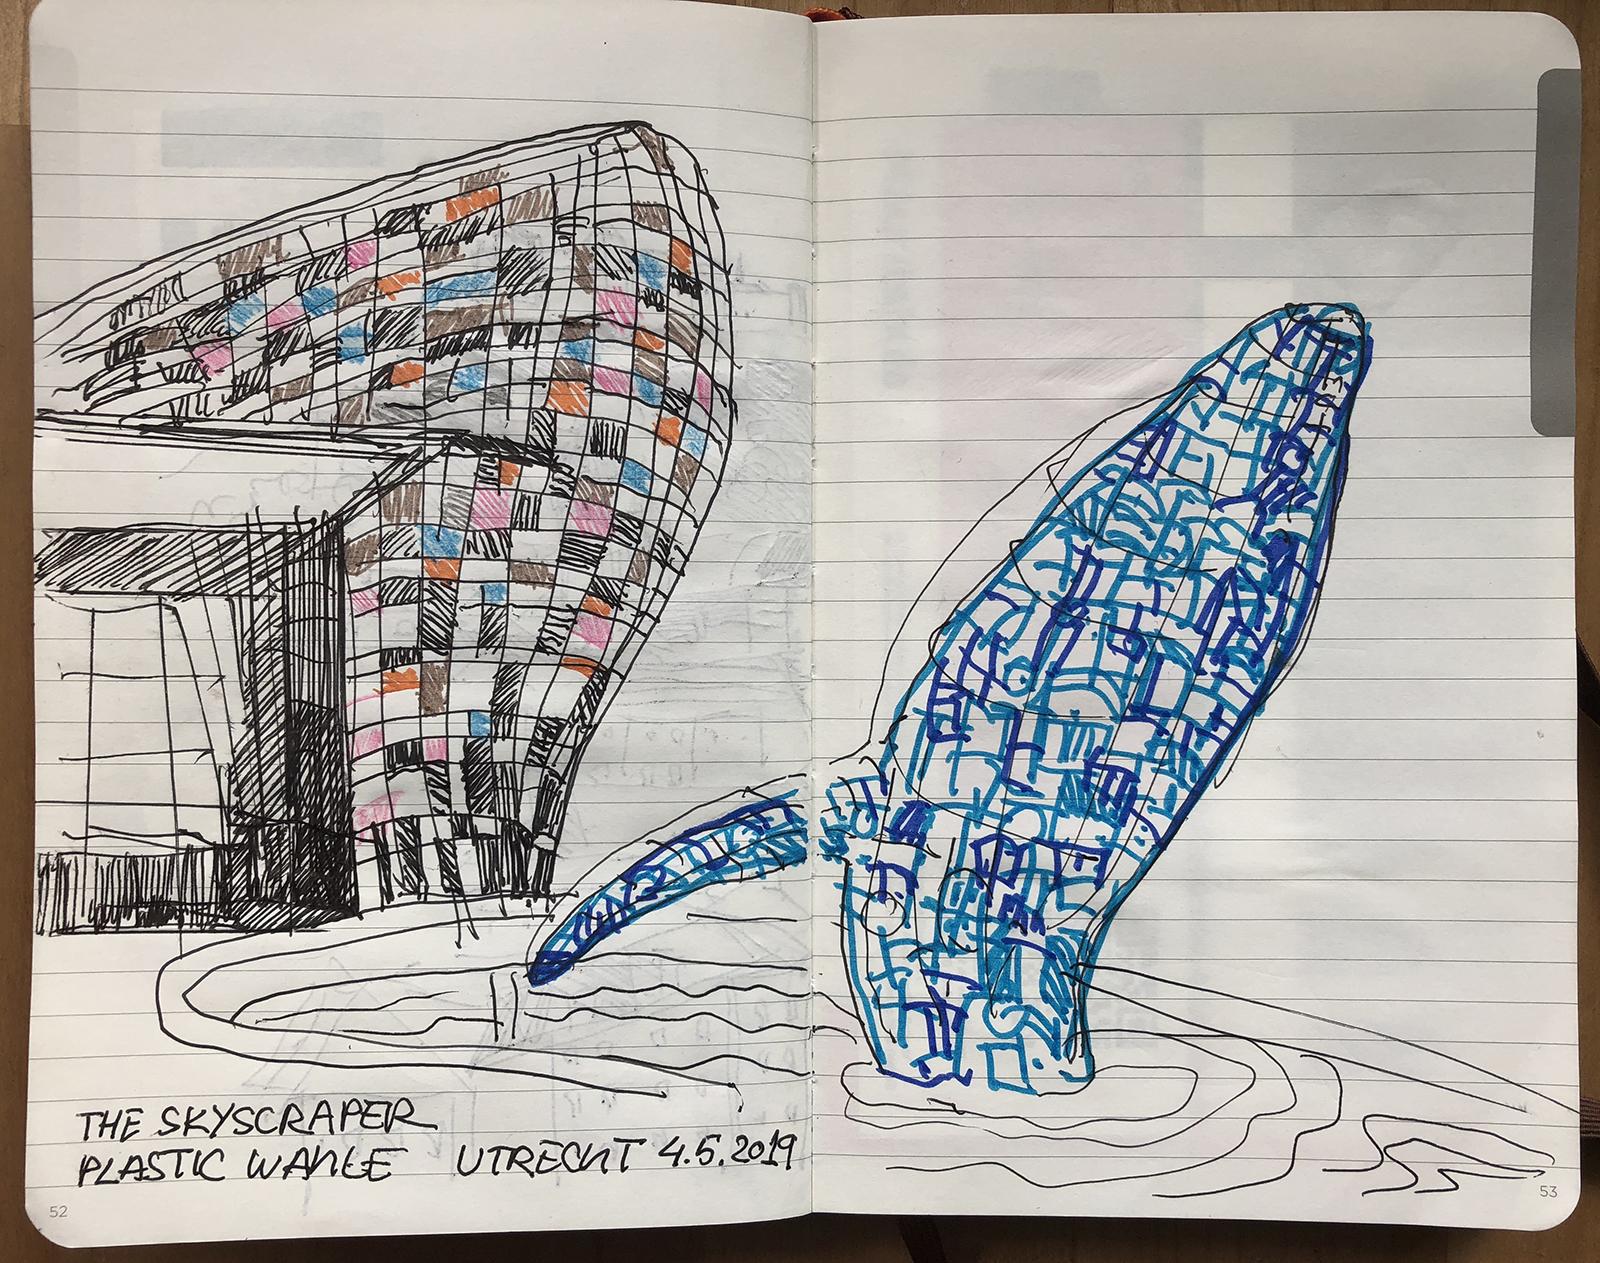 Plastic whale in Utrecht